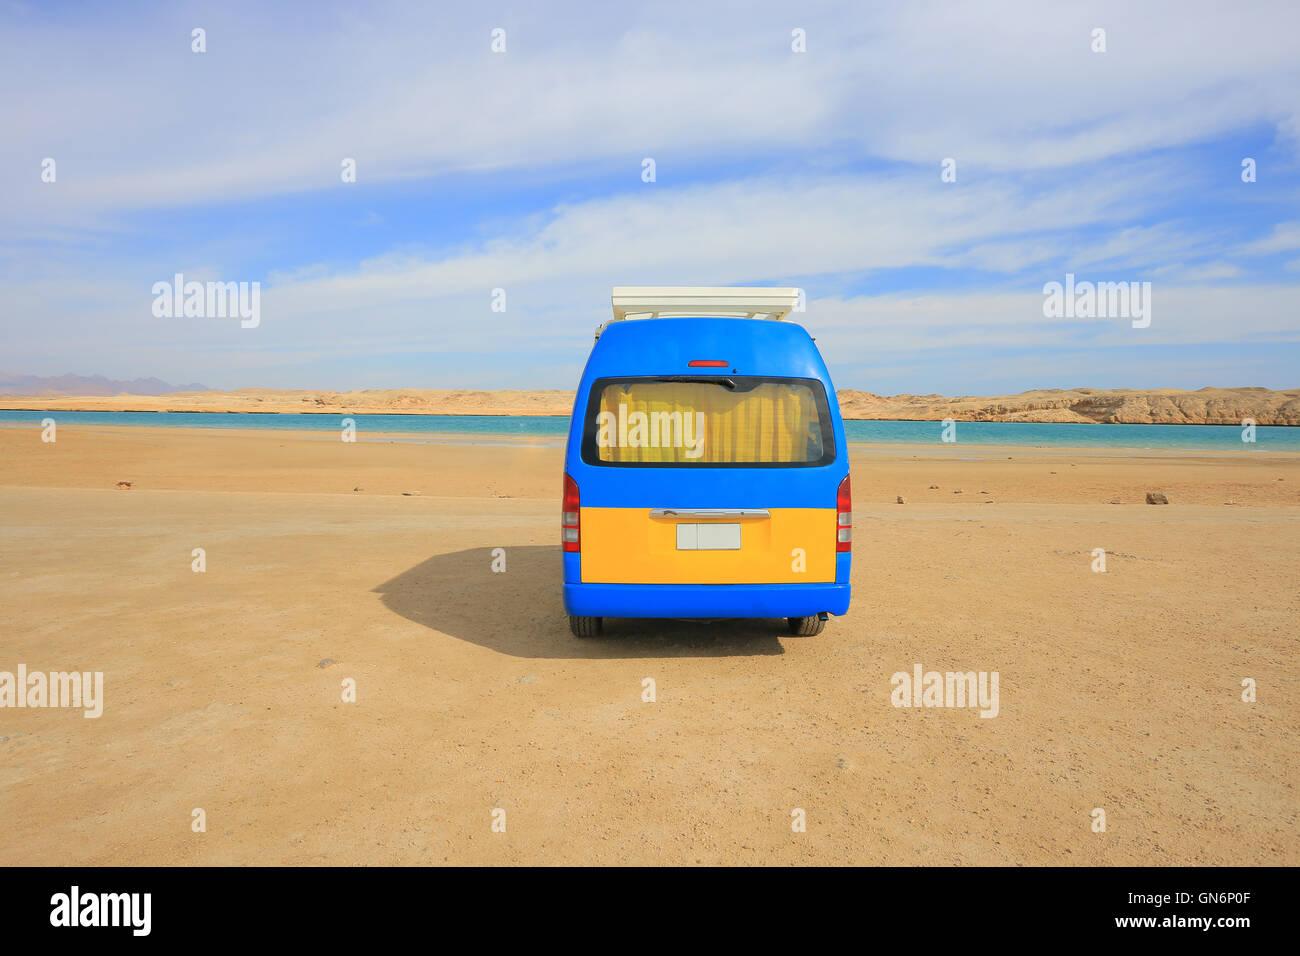 Minibus in the desert - Stock Image